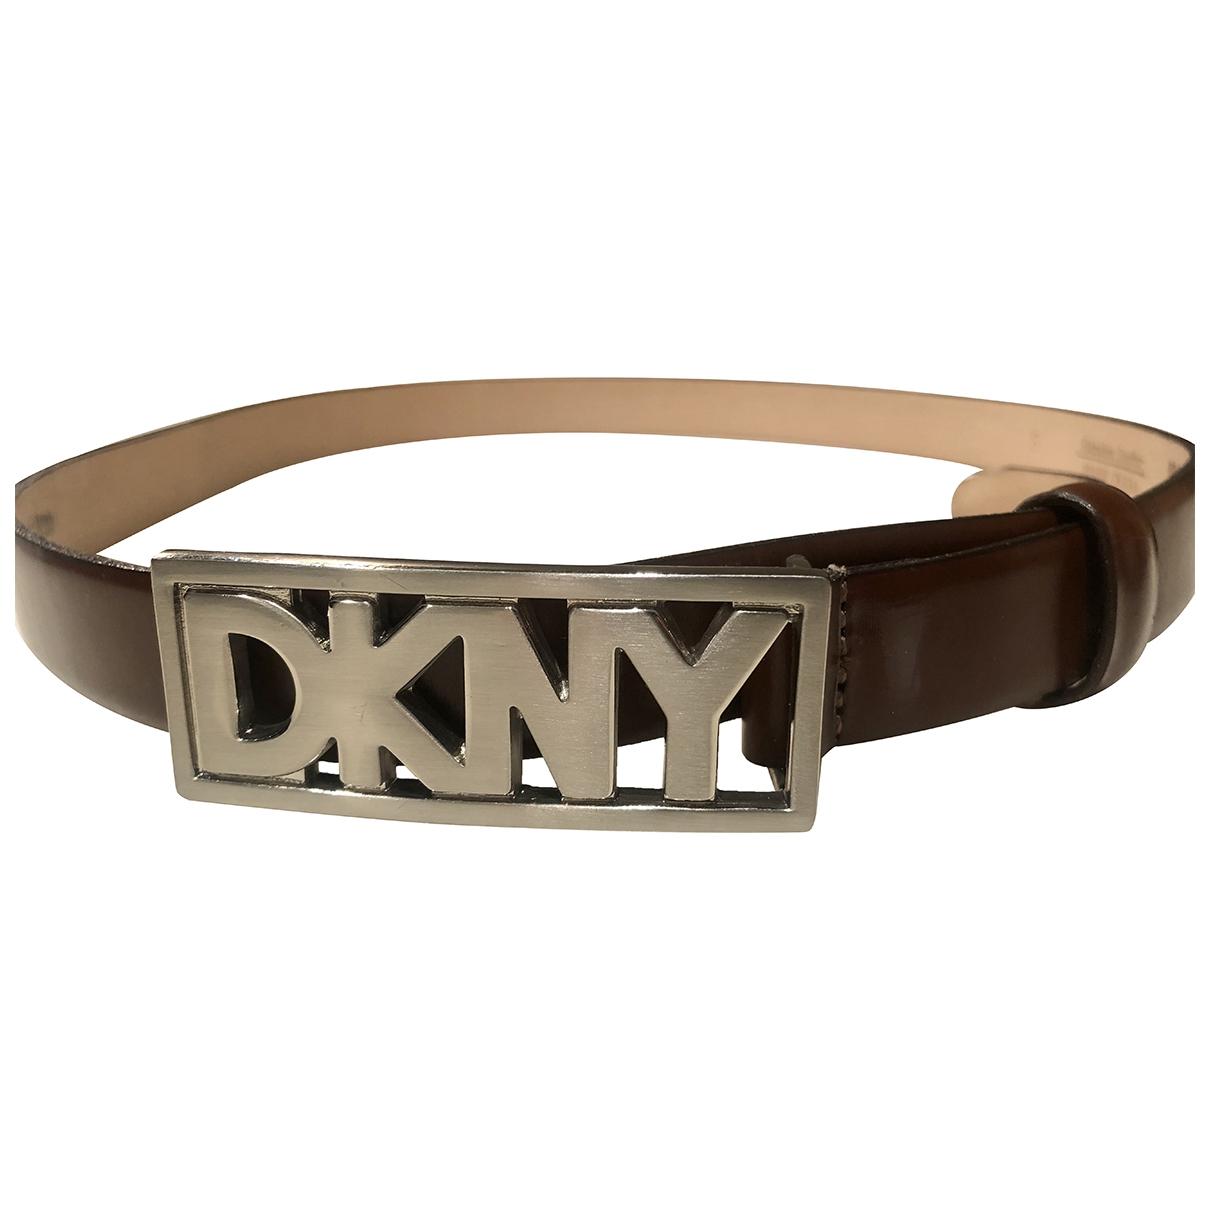 Cinturon de Cuero Dkny